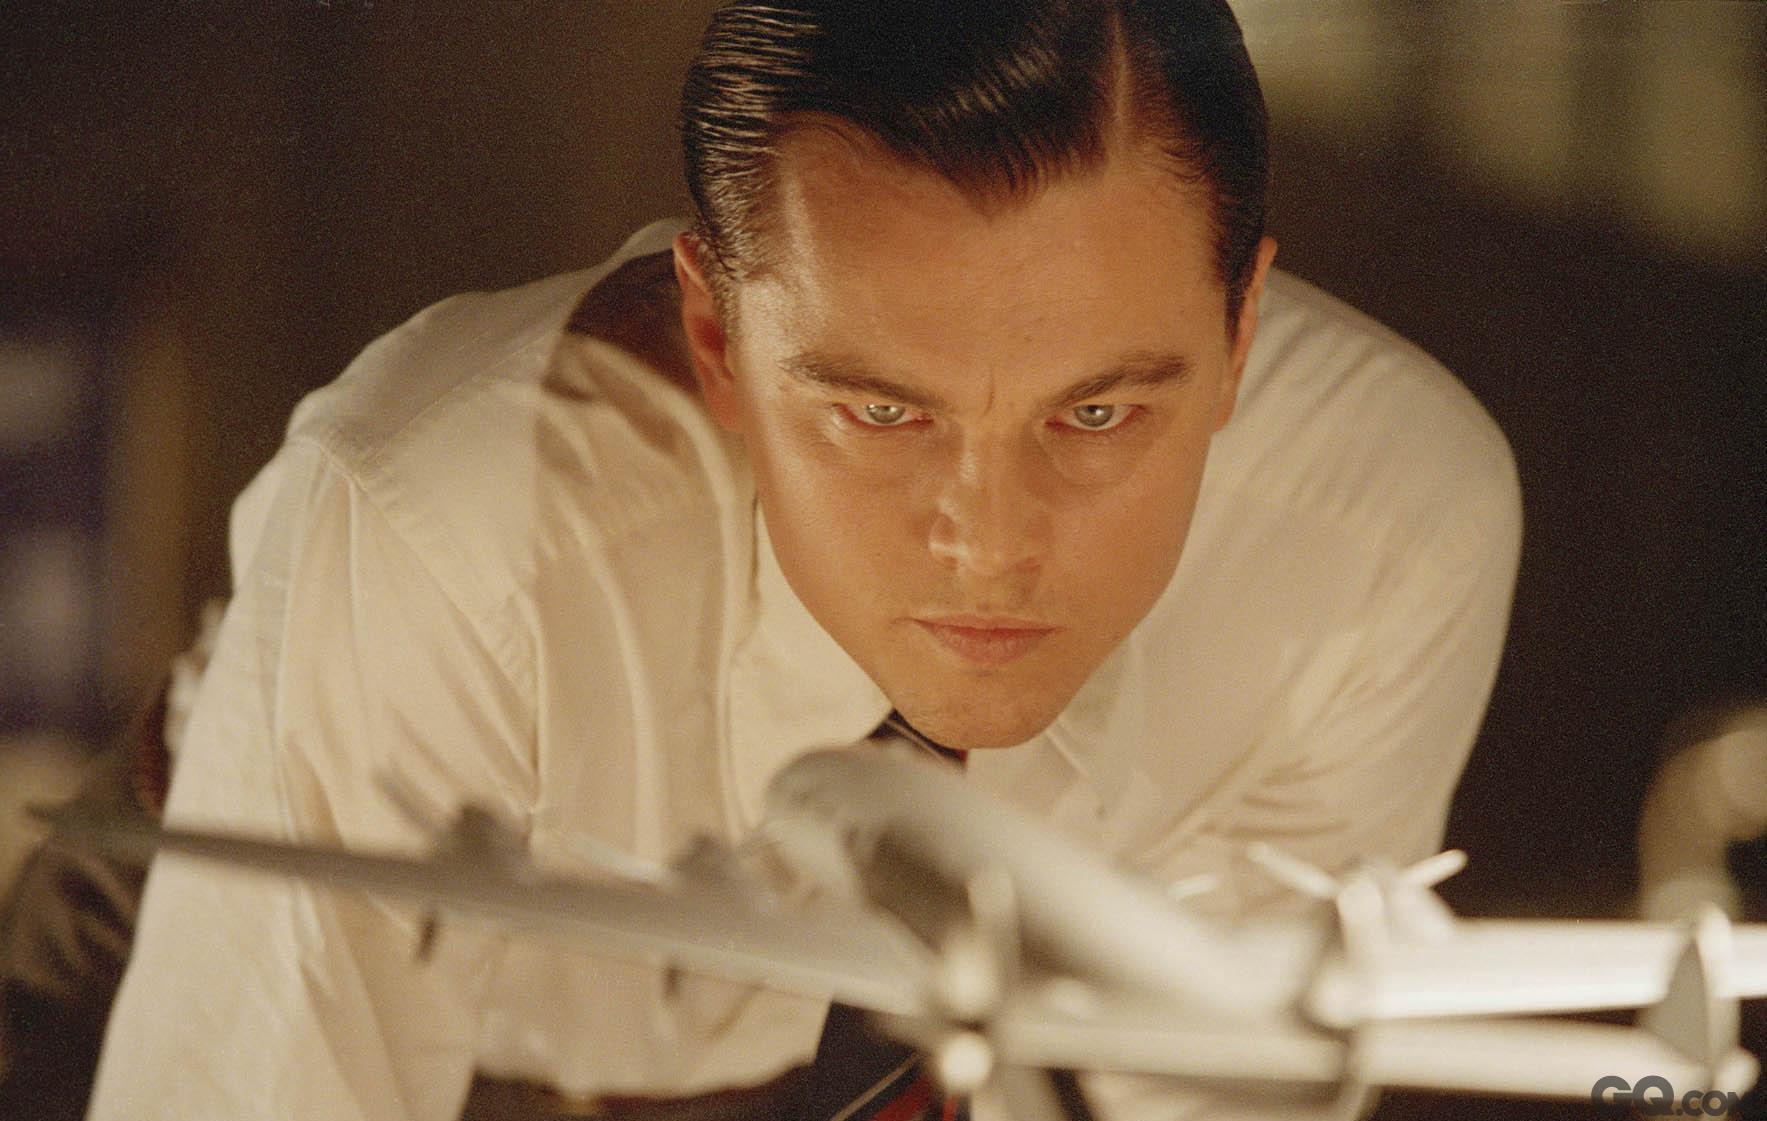 《飞行家》(最佳男主角提名) 最终获奖者:《灵魂歌王》杰米·福克斯 错失原因:作品较轻,对手强大 凭借《泰坦尼克号》在全球爆红,但莱昂纳多并不满足于当偶像派,而是开始执着地追寻起了演技与奖项。2002年斯皮尔伯格的《逍遥法外》让他获得了金球奖的提名;不过,2004年马丁·西科塞斯的《飞行家》才正式让他展开了对奥斯卡的漫漫征程。不过,当年小李子的对手仍然强大,相比之下,他演技仍显稚嫩,而执导《飞行家》的马丁·西科塞斯也在寻求奥斯卡的认可。